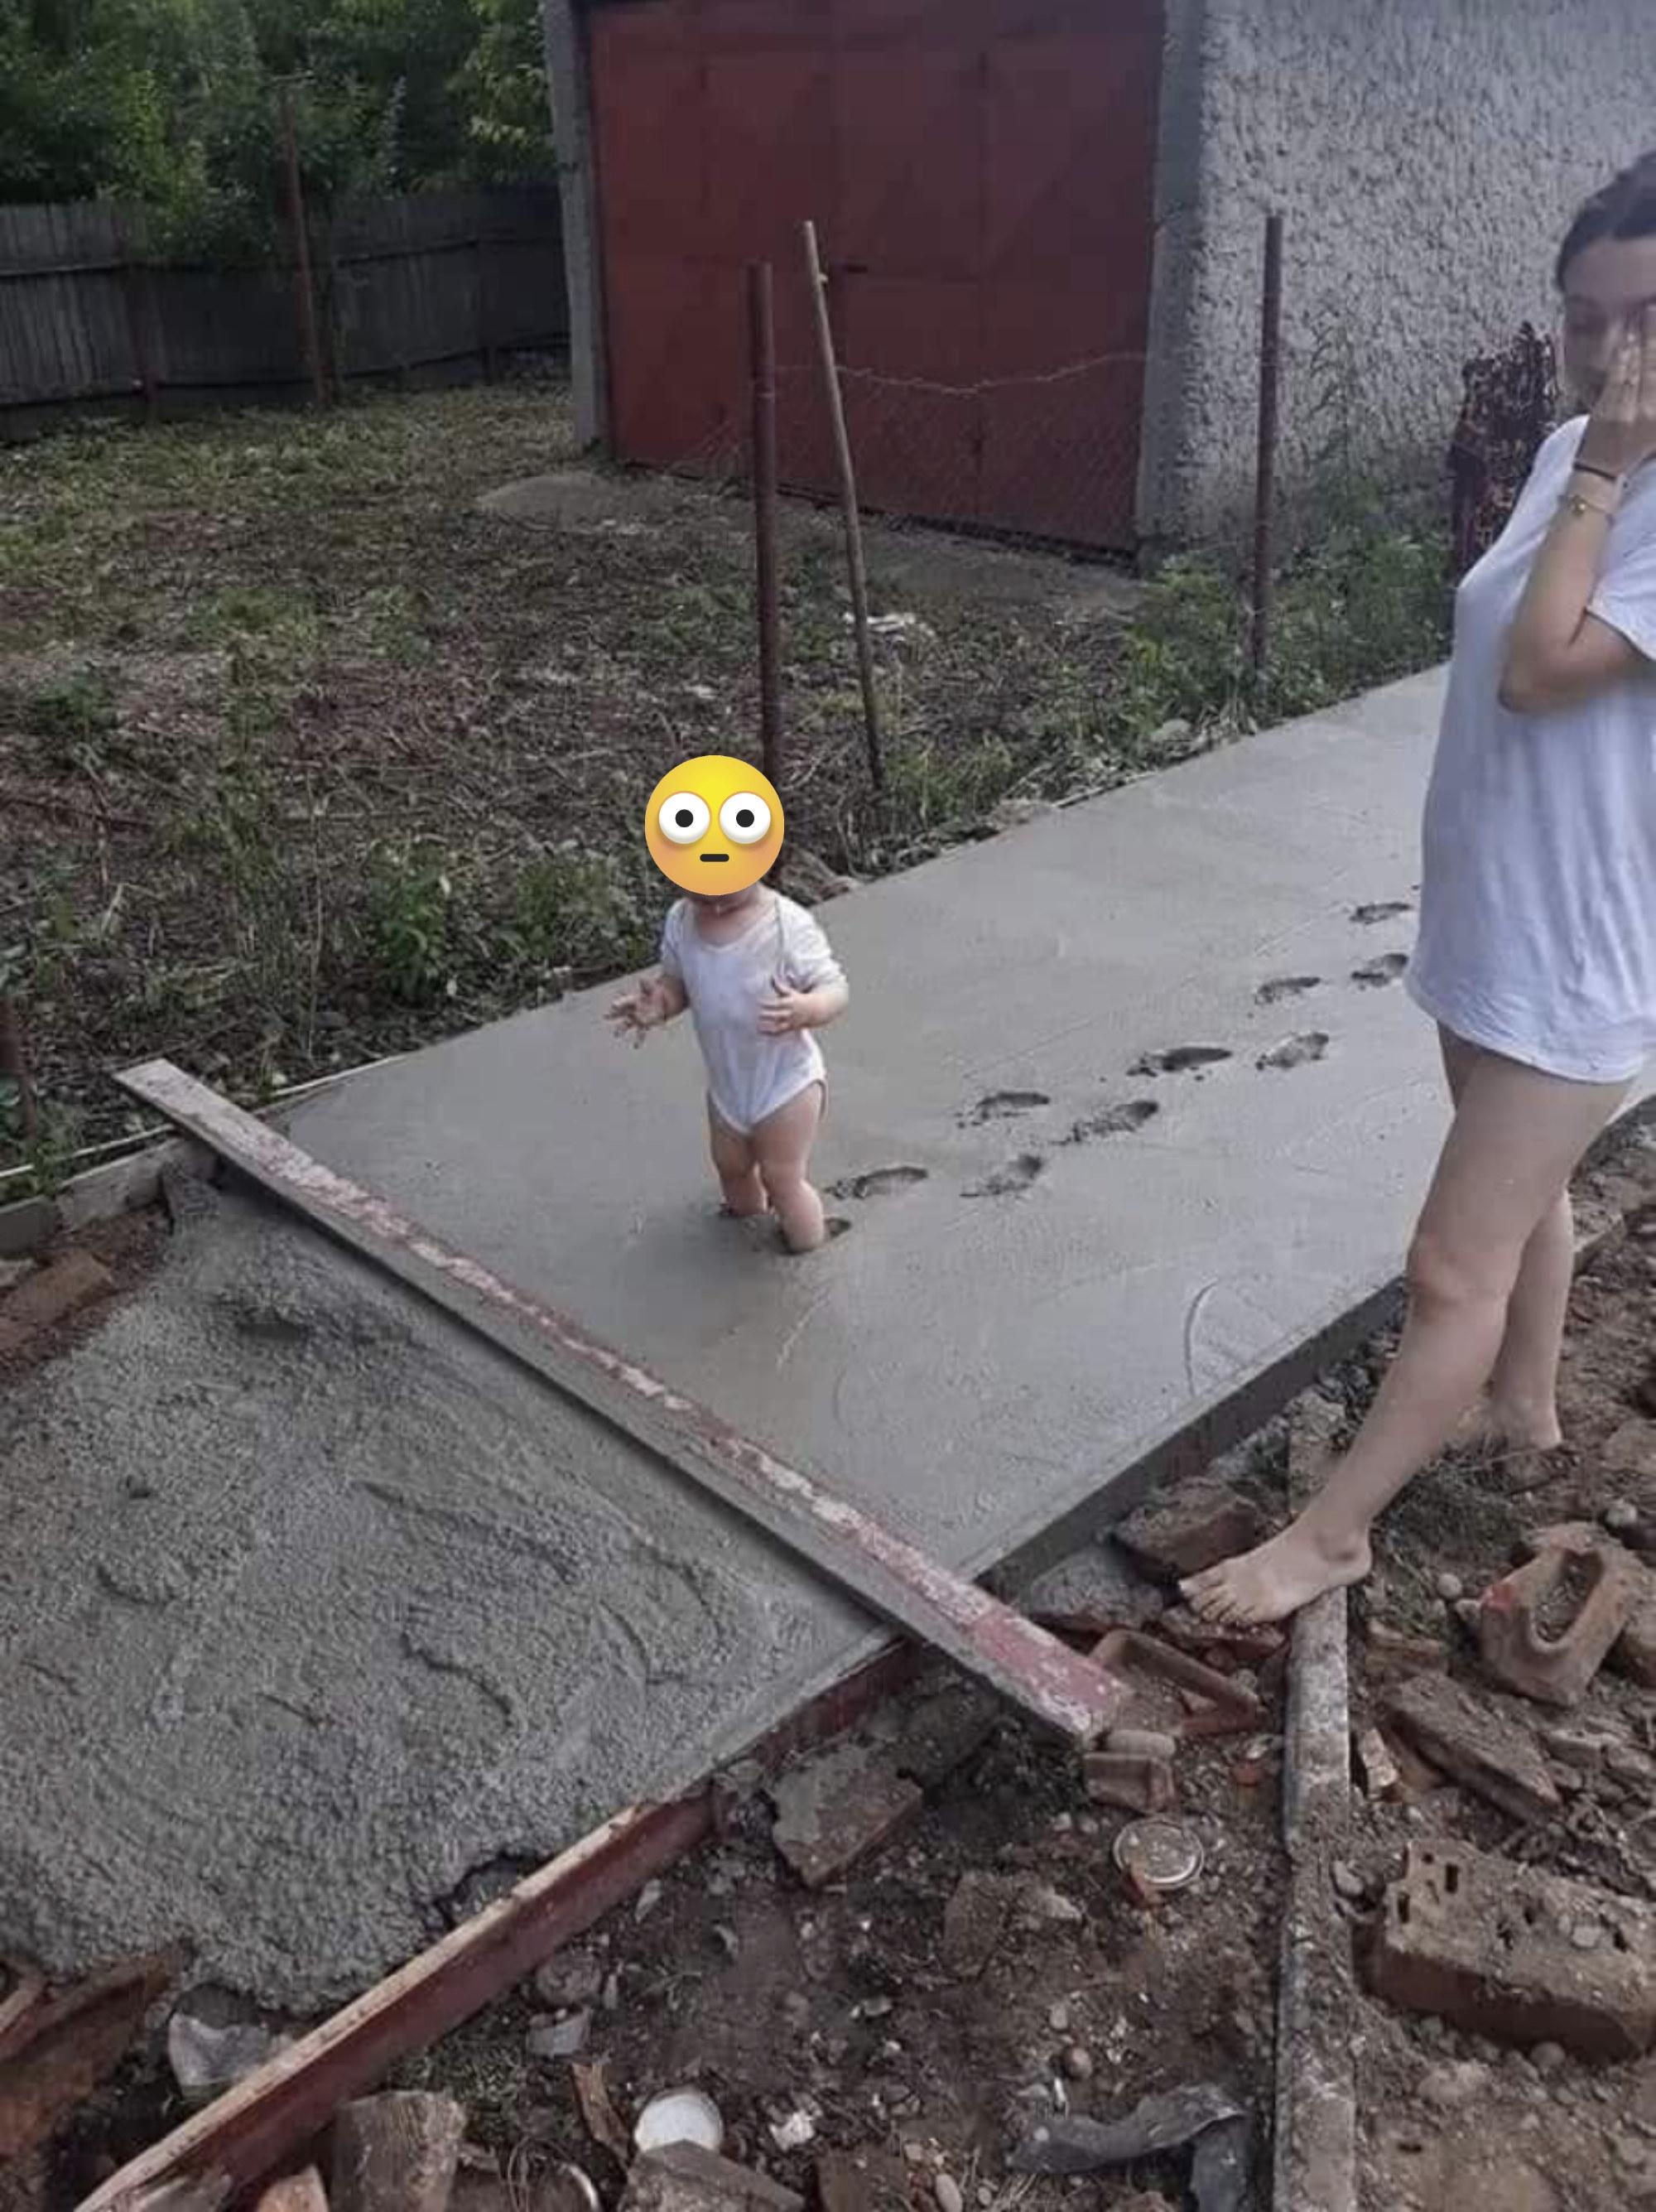 A baby walks in wet cement